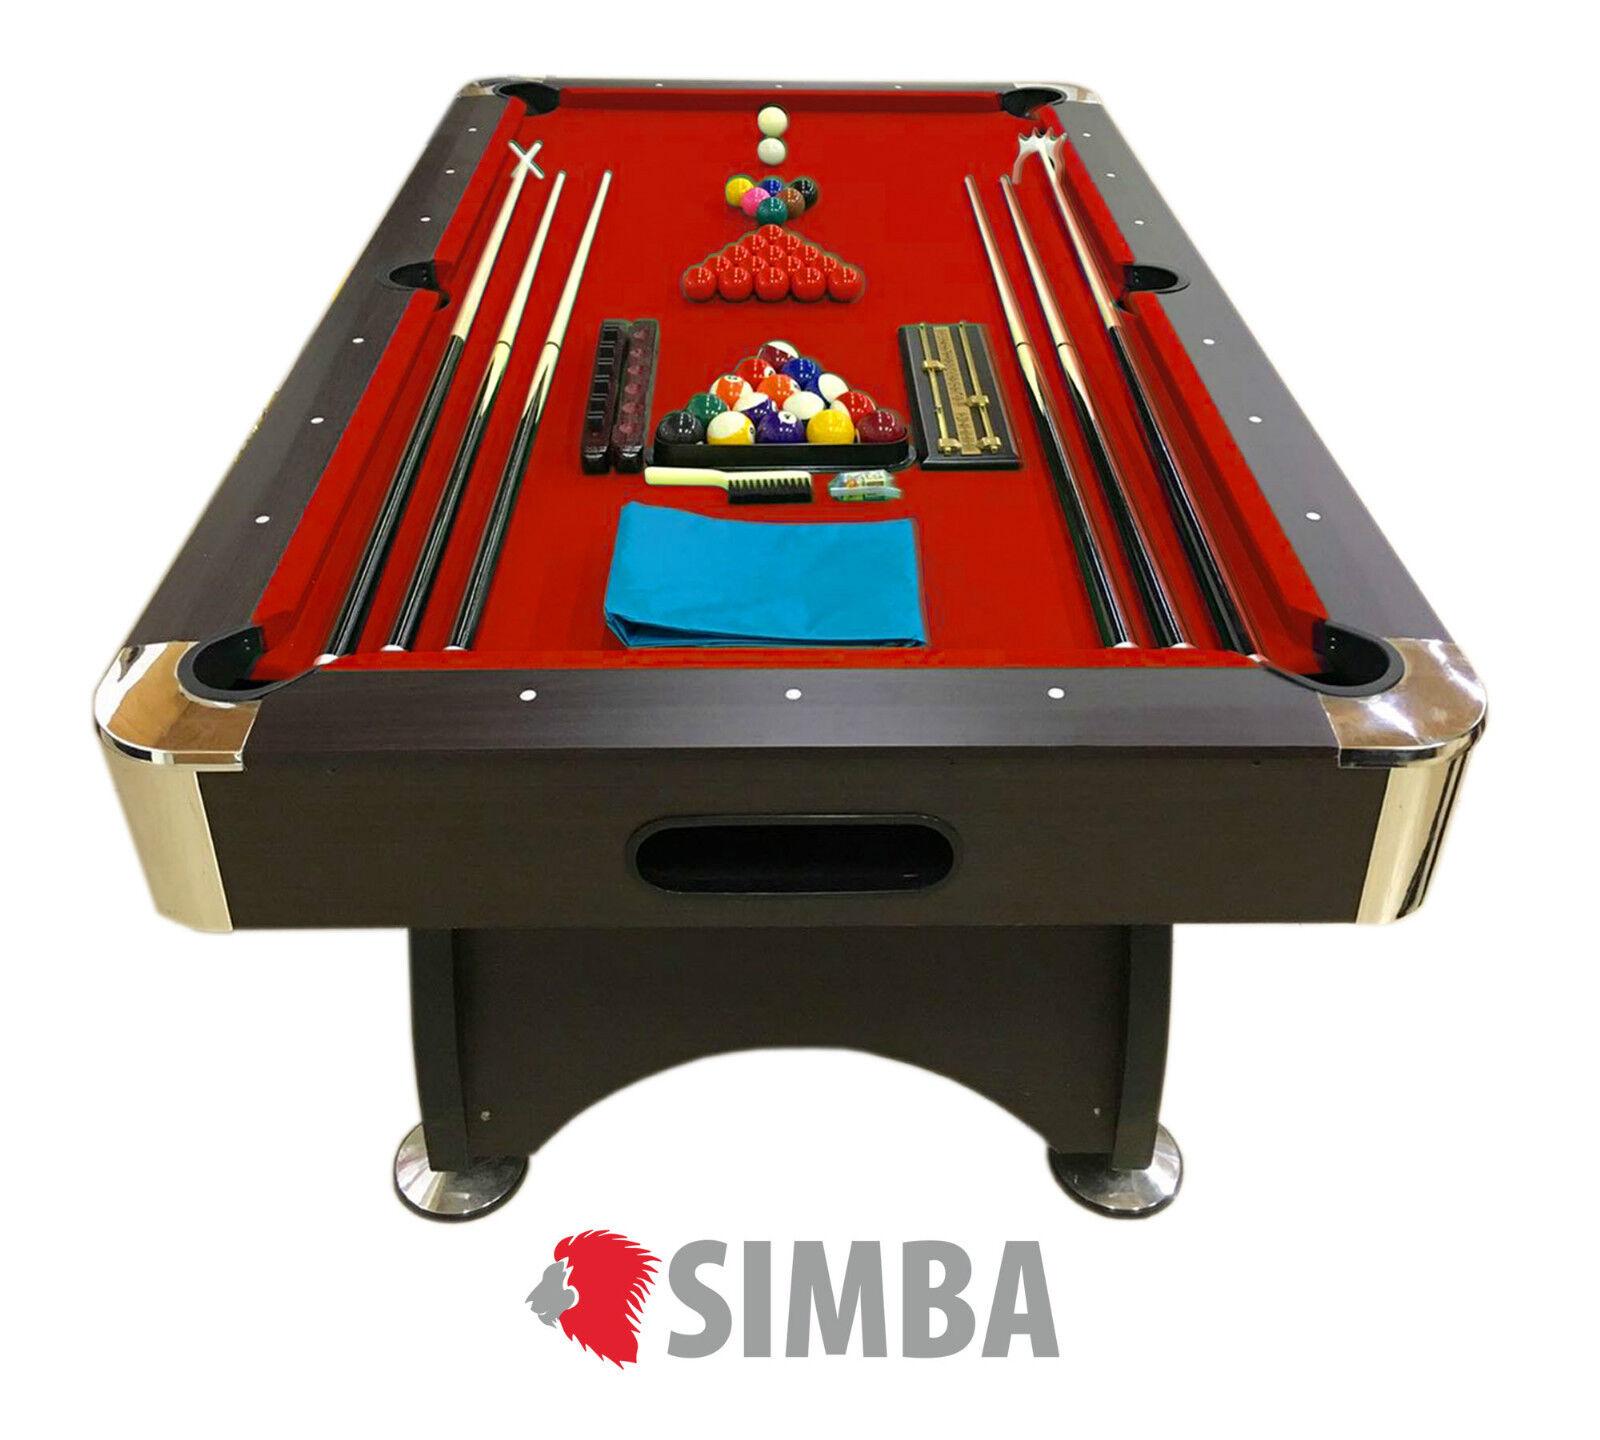 Mesa de billar juegos de billar pool 7 ft Medición de 188 X 96 cm FULL carambola